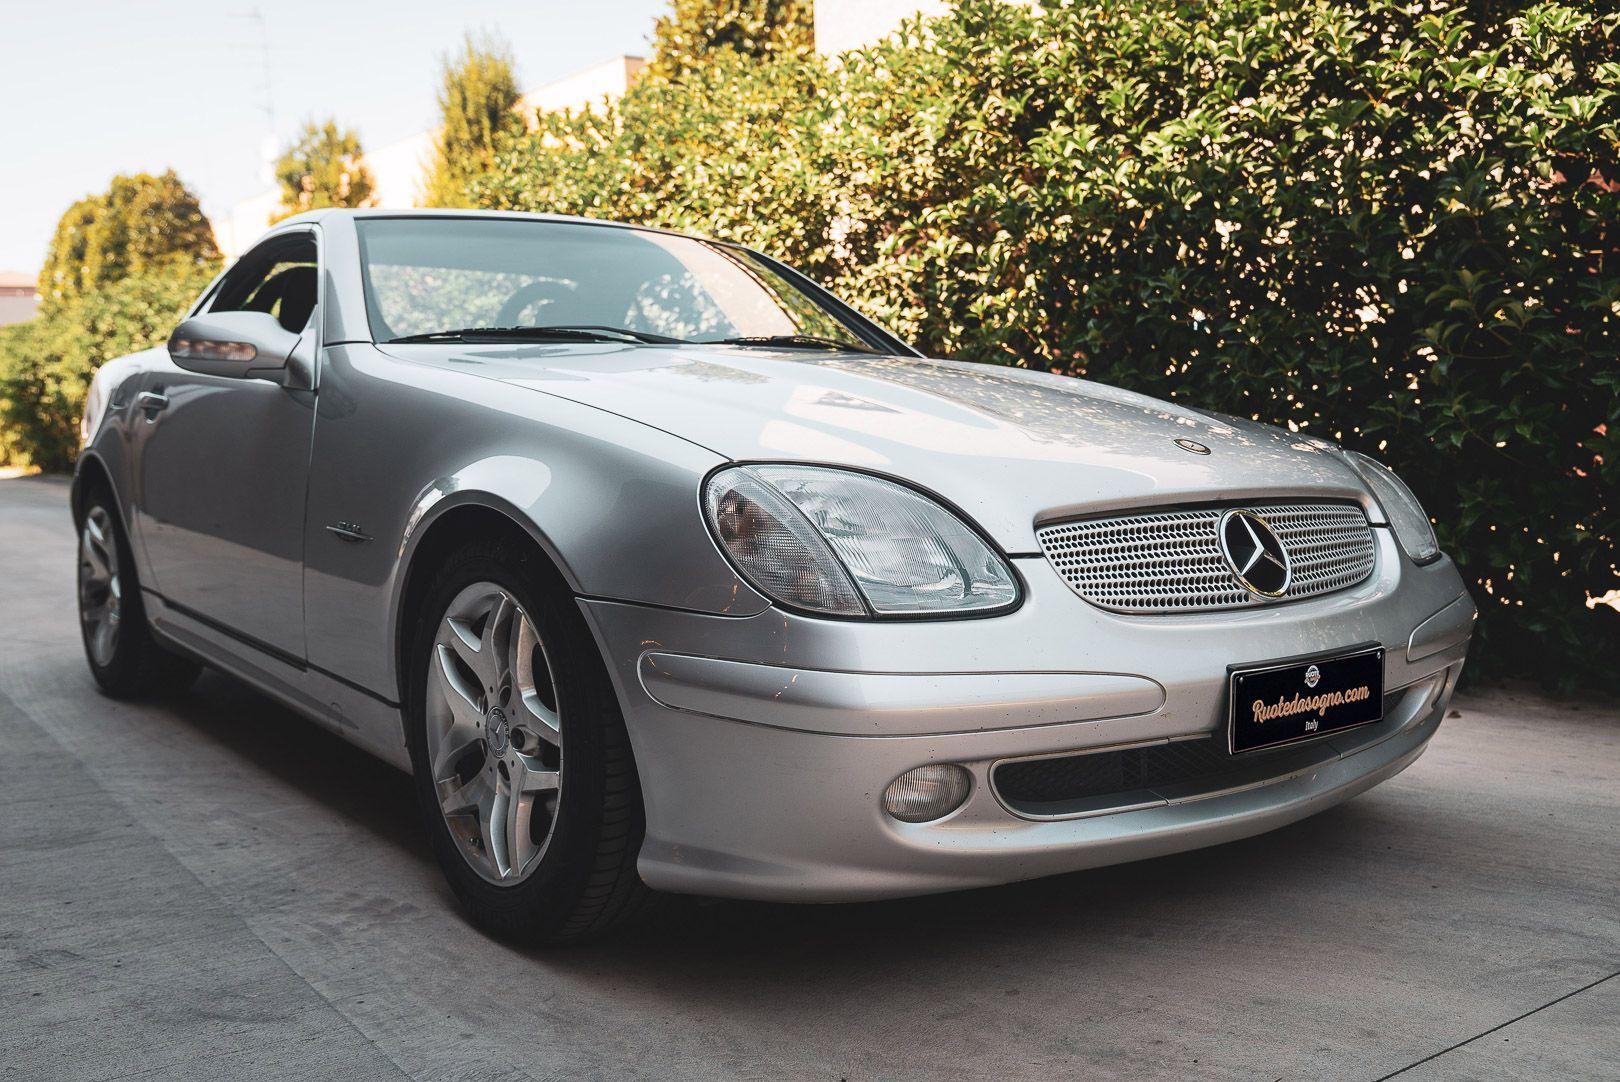 2004 Mercedes Benz 200 SLK Kompressor Special Edition 80718